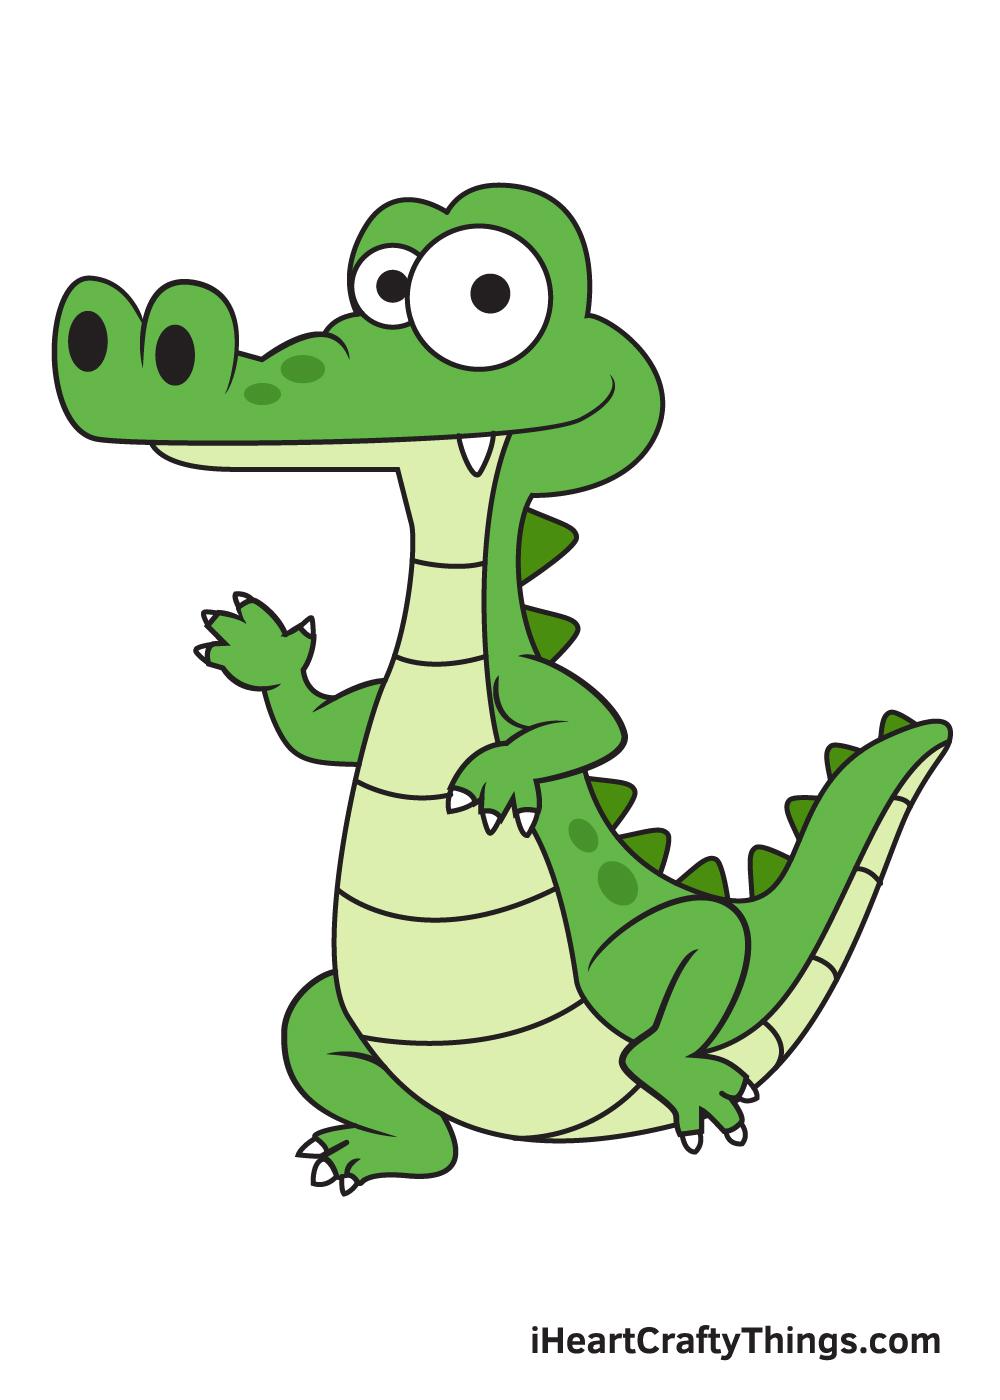 Alligator Drawing – 9 Steps